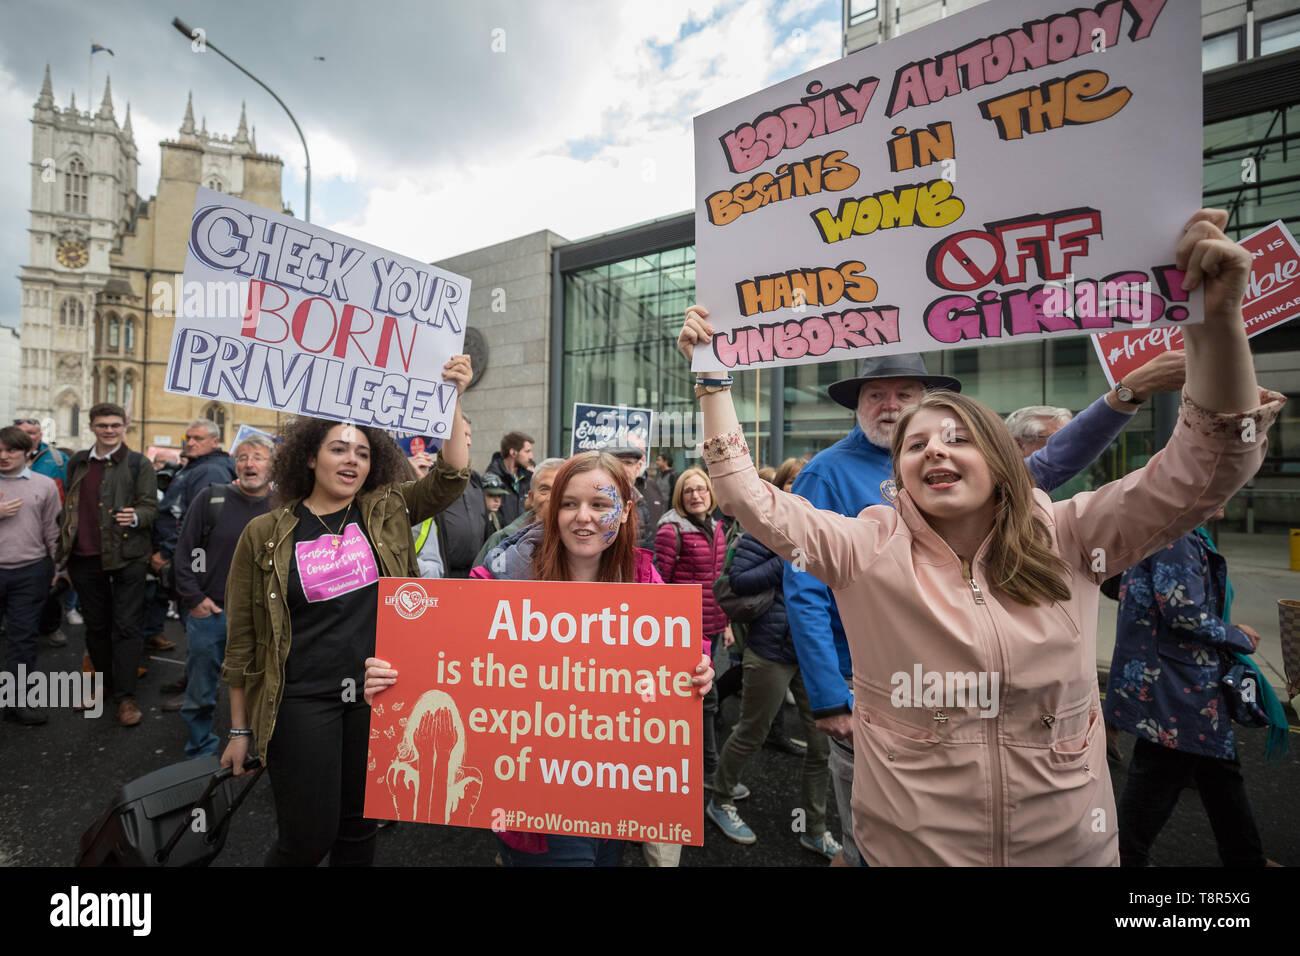 'March de por vida UK' anti-aborto marcha de protesta organizada por grupos cristianos pro-vida incluido el buen consejo red y marcha por la vida en el Reino Unido. Foto de stock